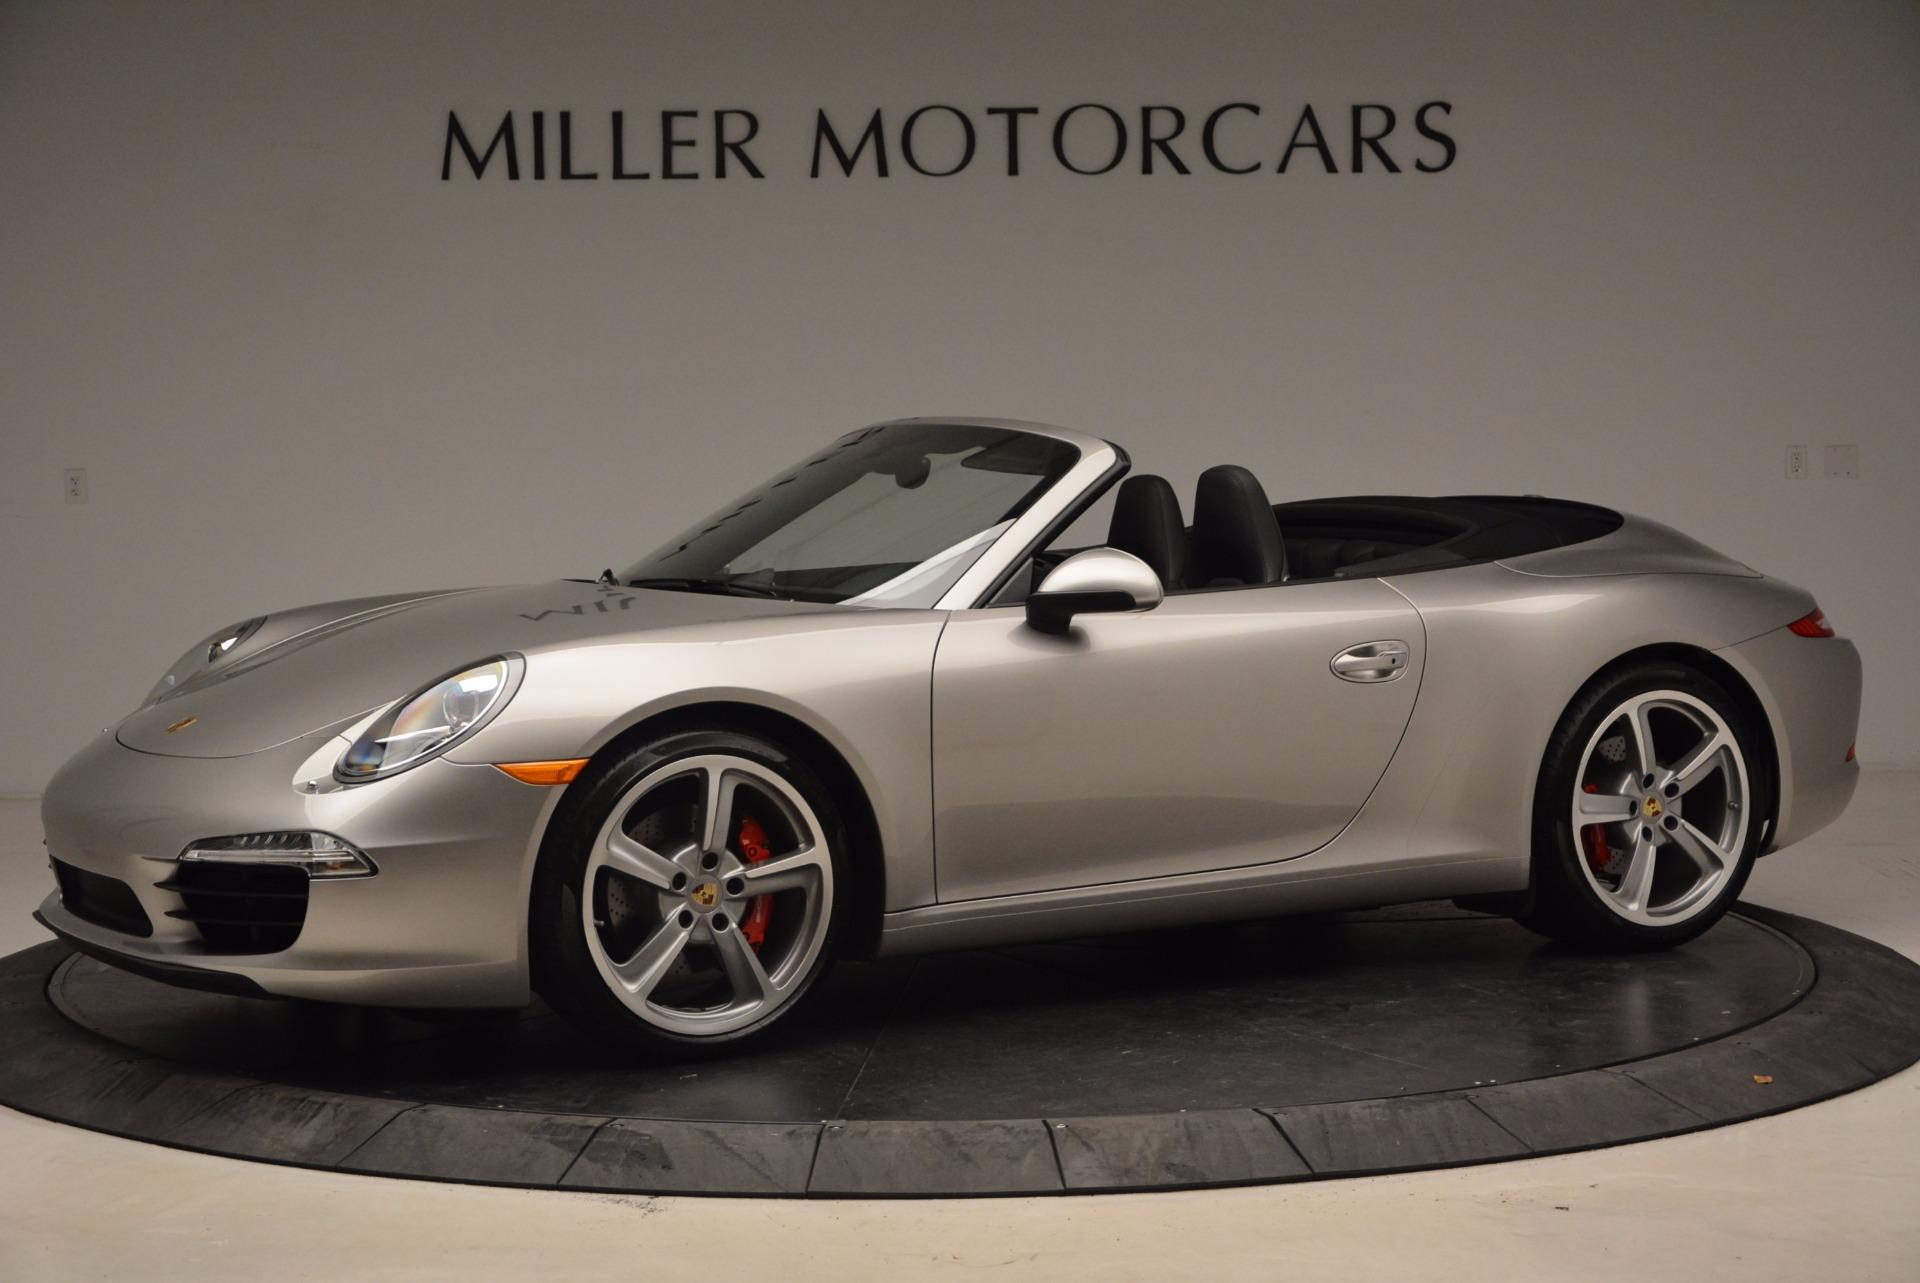 Used 2012 Porsche 911 Carrera S For Sale In Greenwich, CT 1790_p8